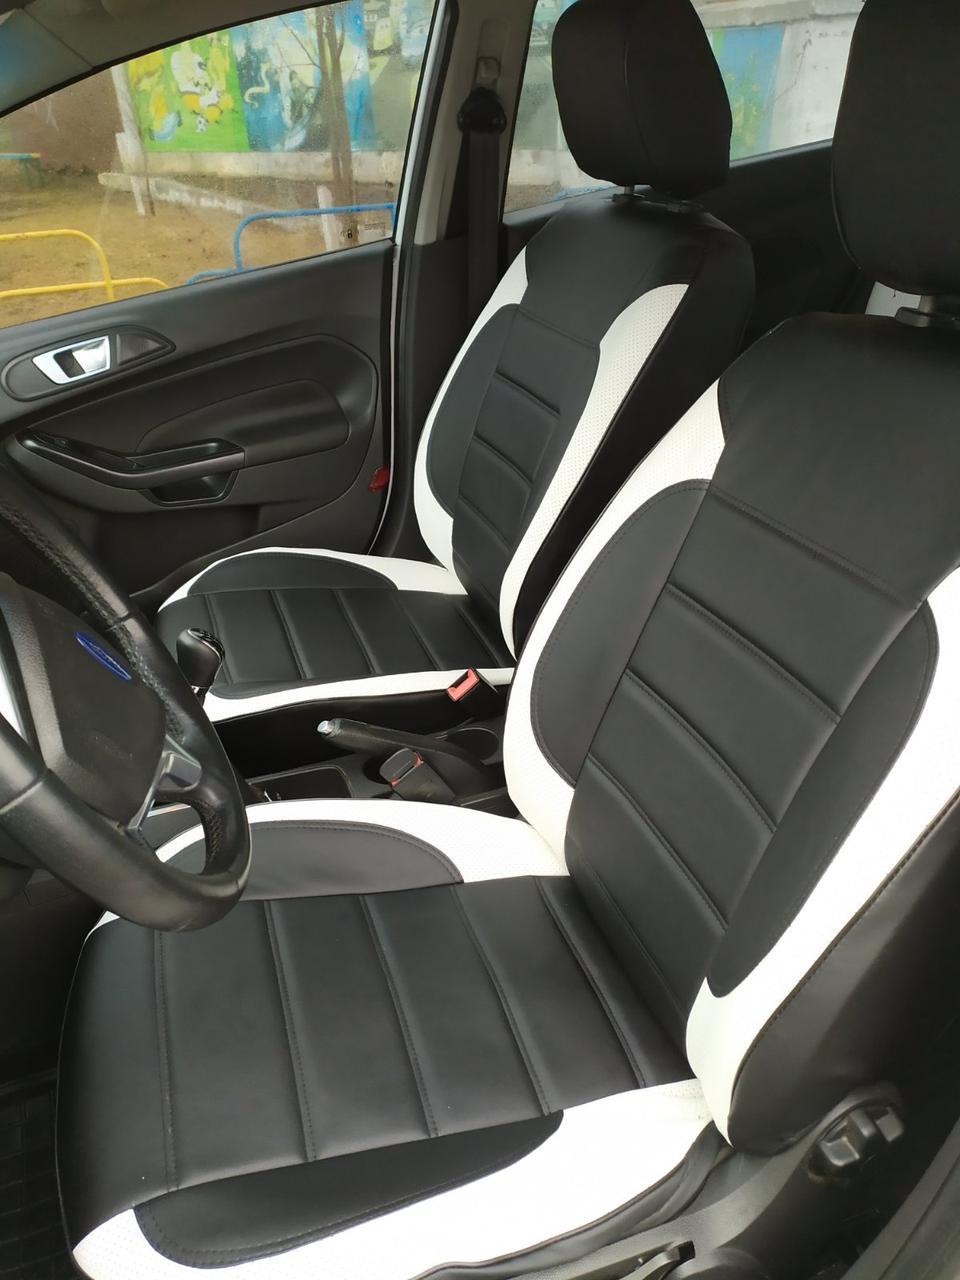 Чехлы на сиденья КИА Сид (KIA Ceed) модельные MAX-L из экокожи Черно-белый